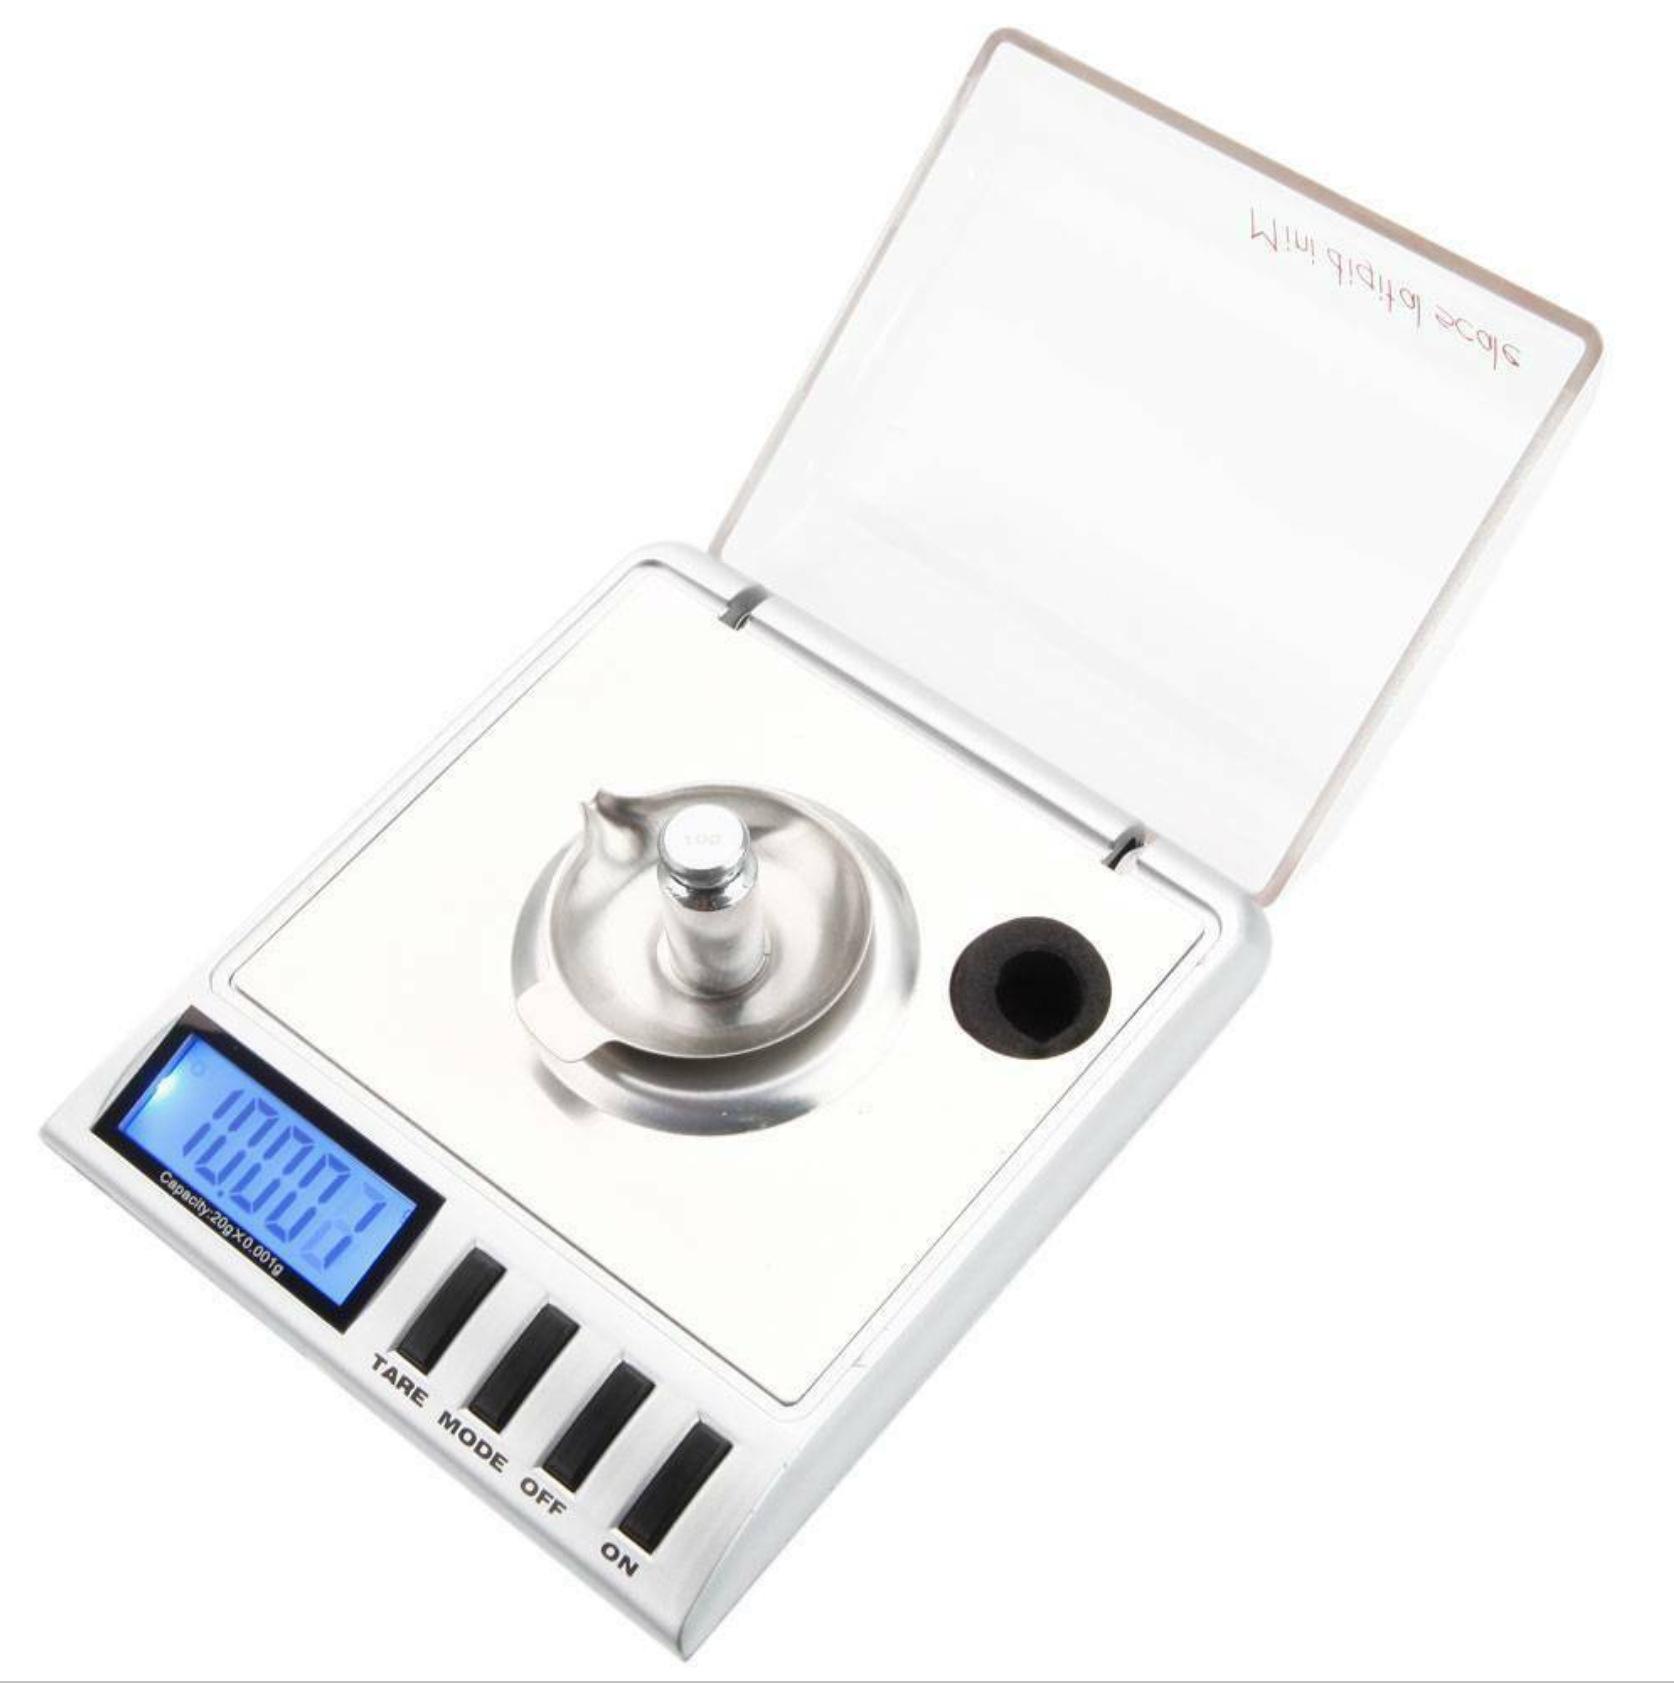 OEM Cân điện tử Cân chính xác túi trang sức cân điện tử cân bằng vàng 0,001g thuốc gọi là carat mini